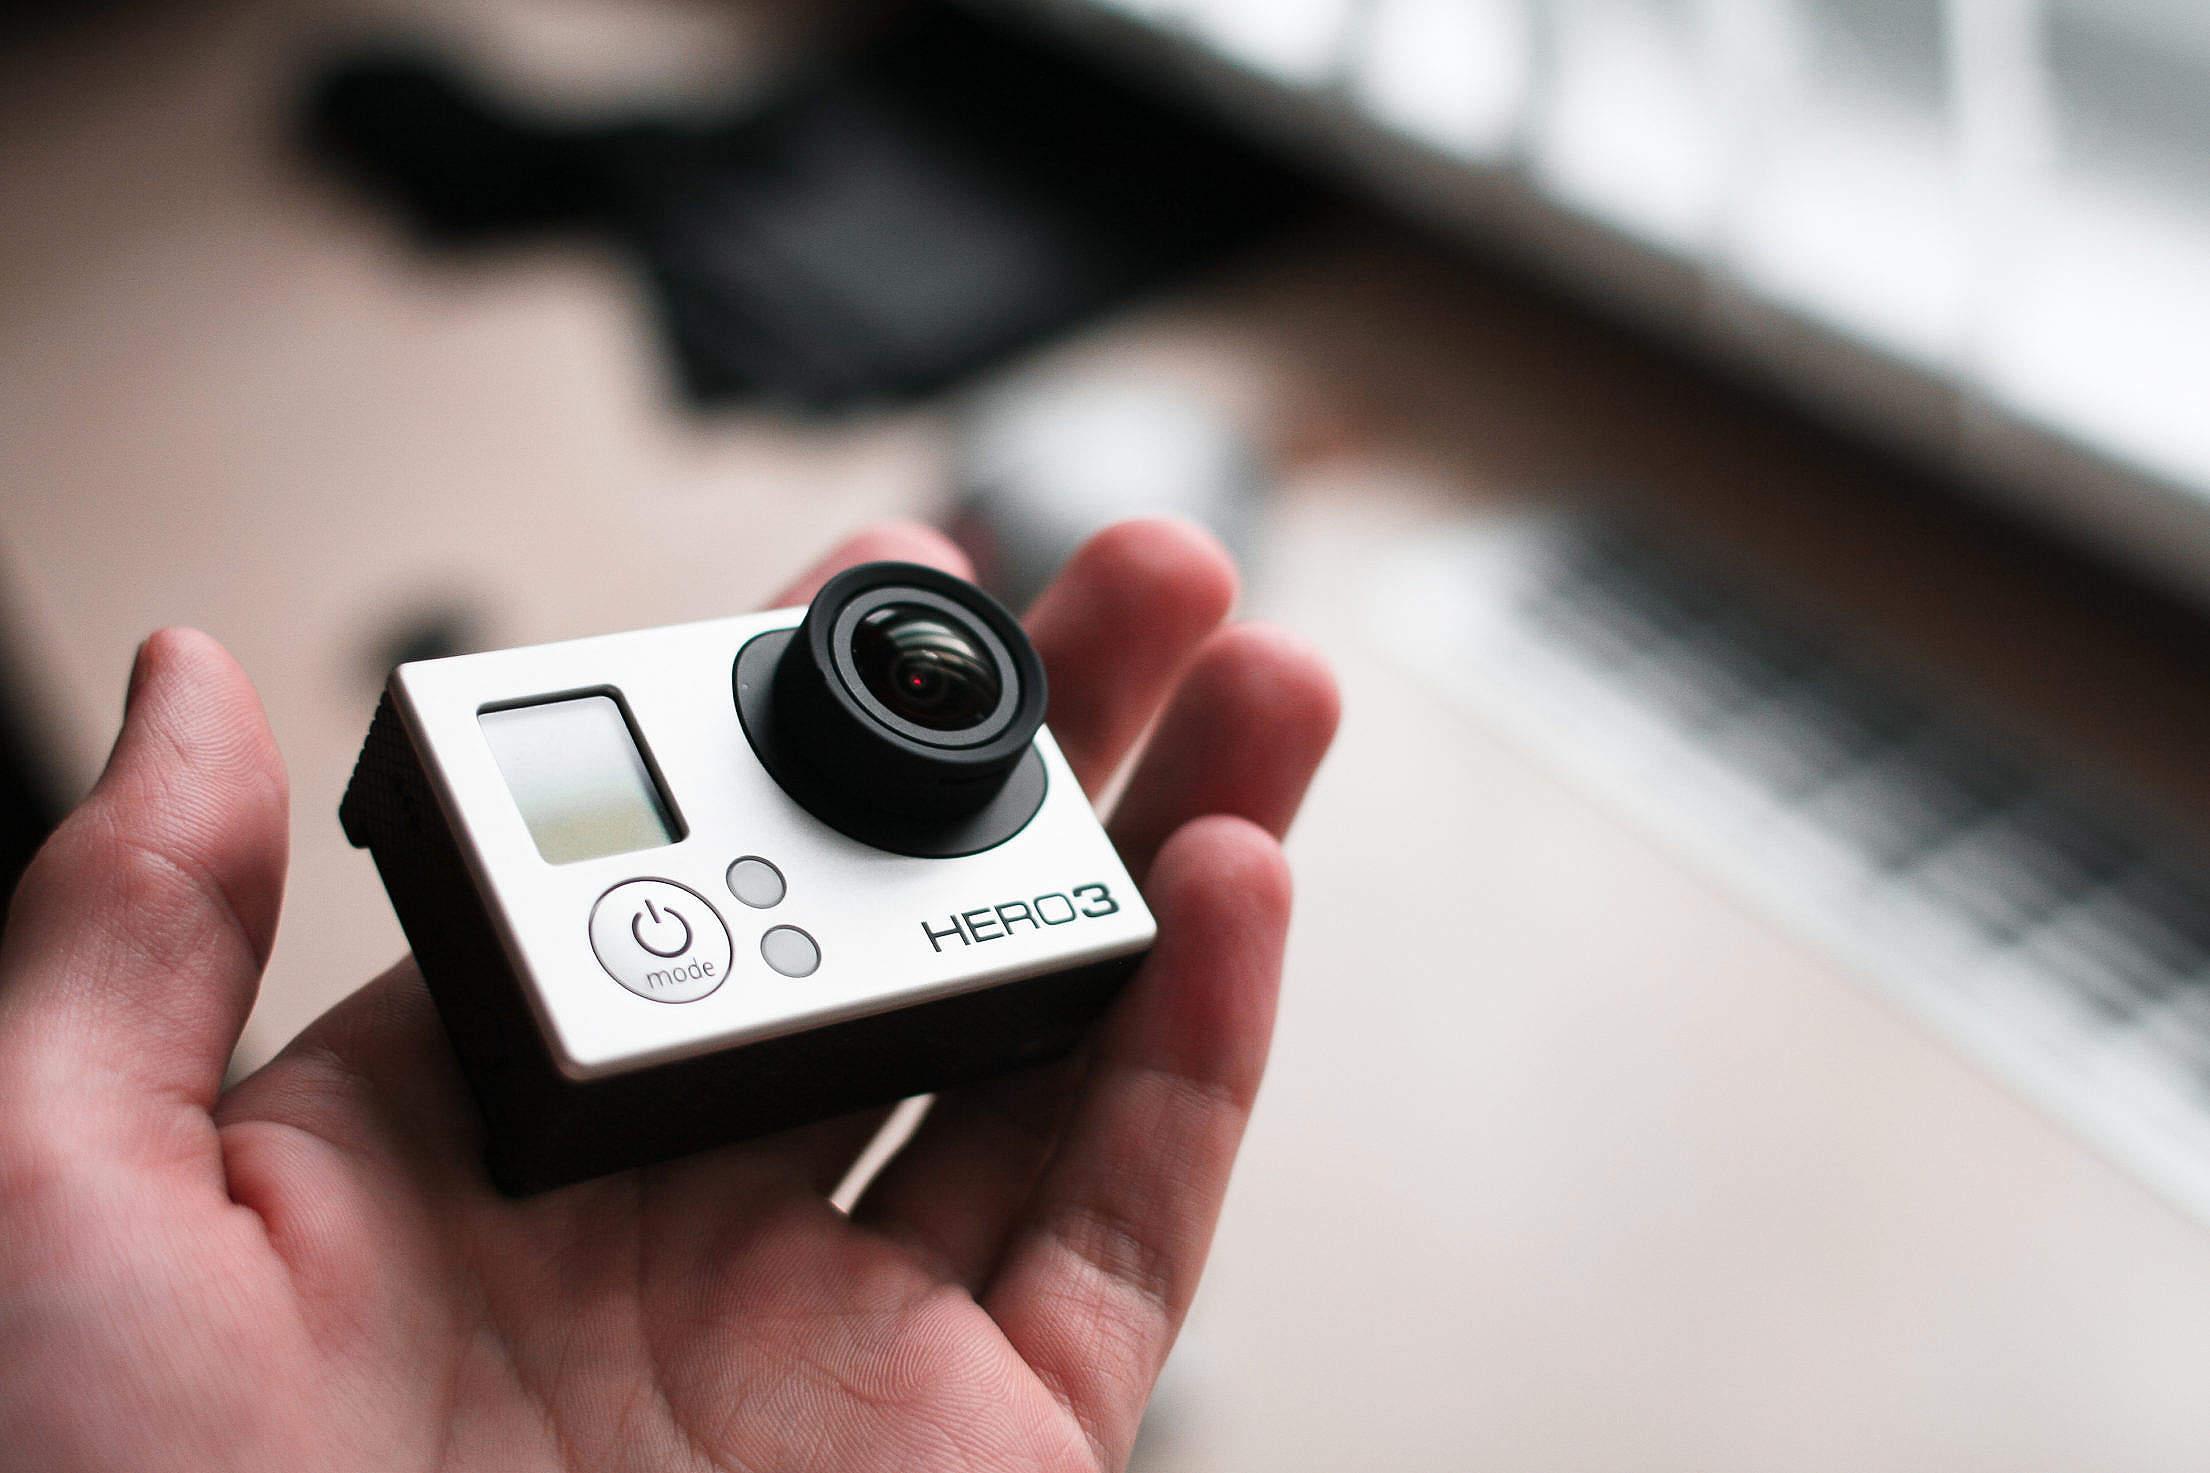 GoPro Hero 3 in Hand Free Stock Photo